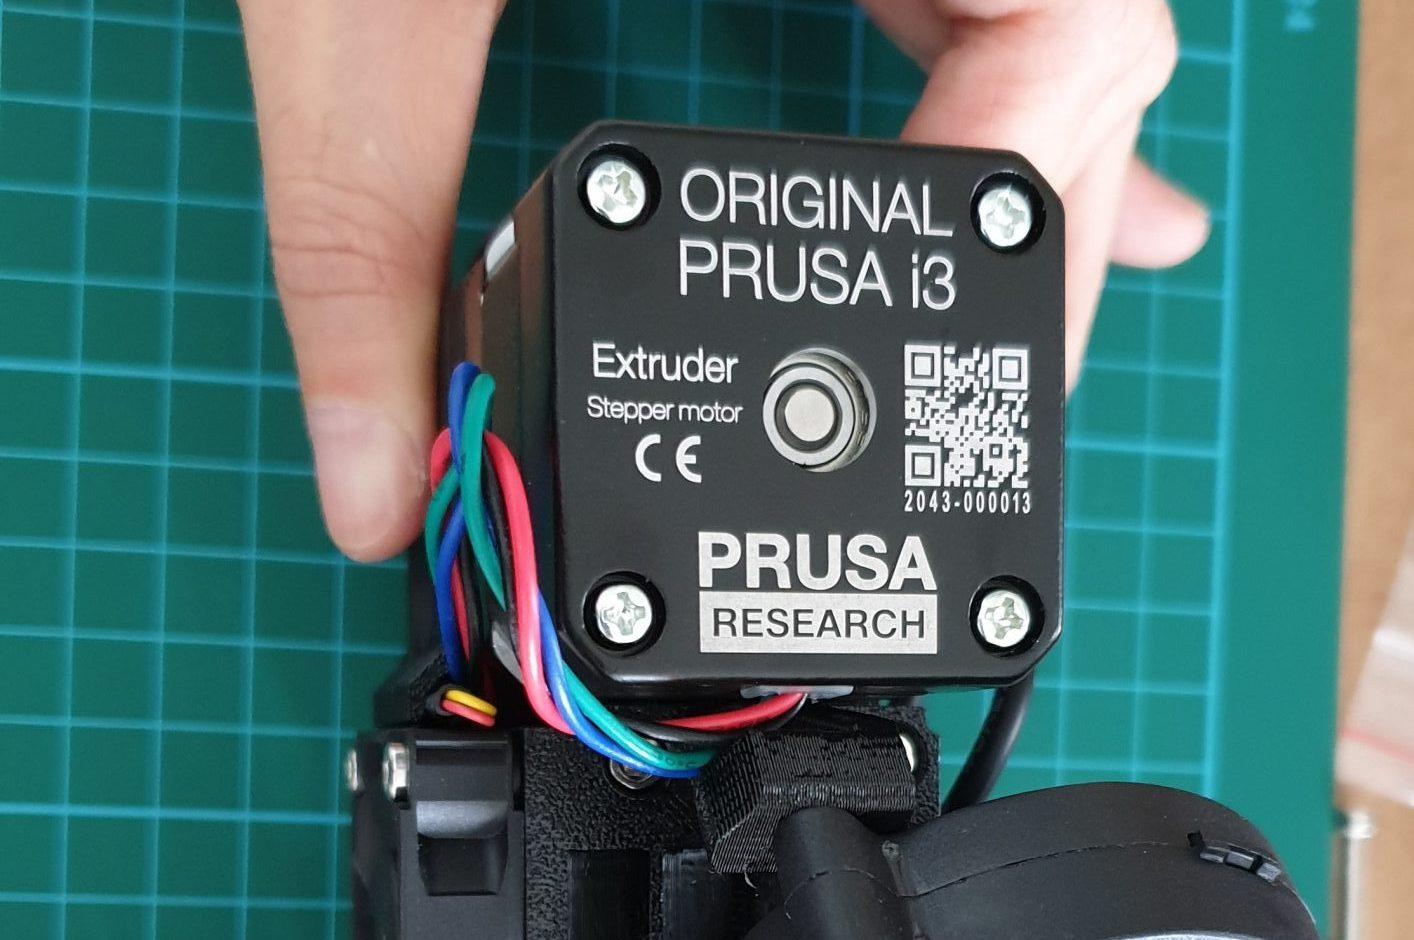 Testing Newly Assembled Prusa i3 MK3S+